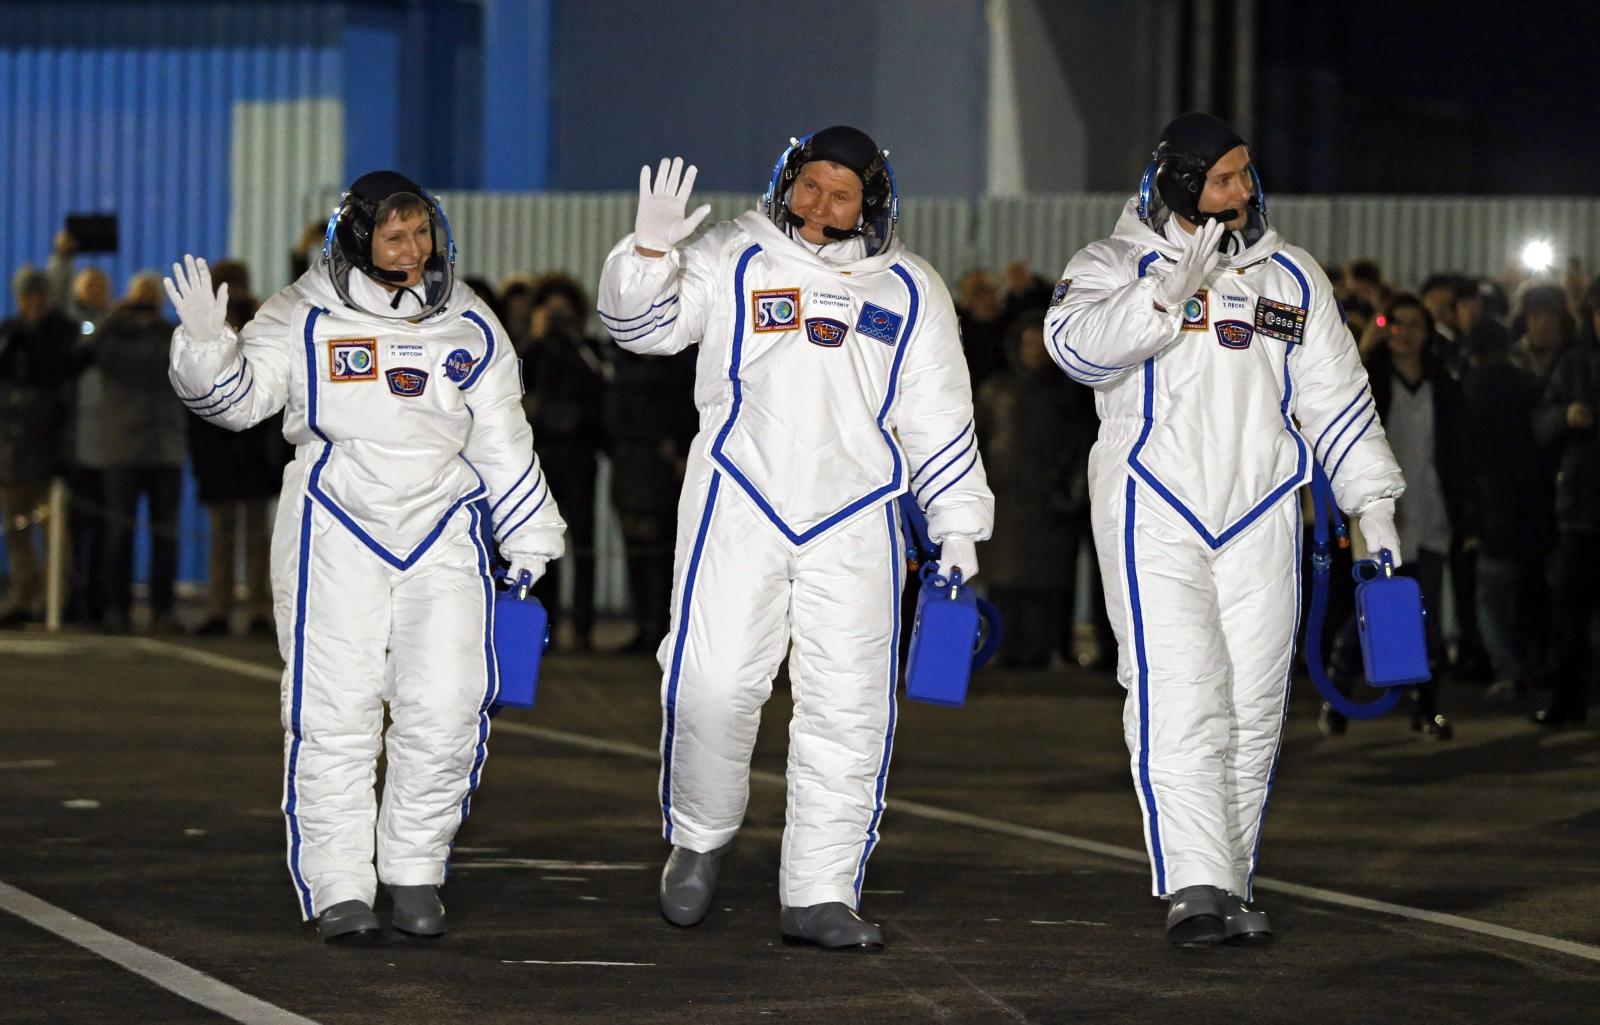 Załoga Ekspedycji 50/51 do Międzynarodowej Stacji Kosmicznej, Kazachstan. Wylot przewidziany jest na 18 listopada 2016r. Fot.EPA/YURI KOCHETKOV